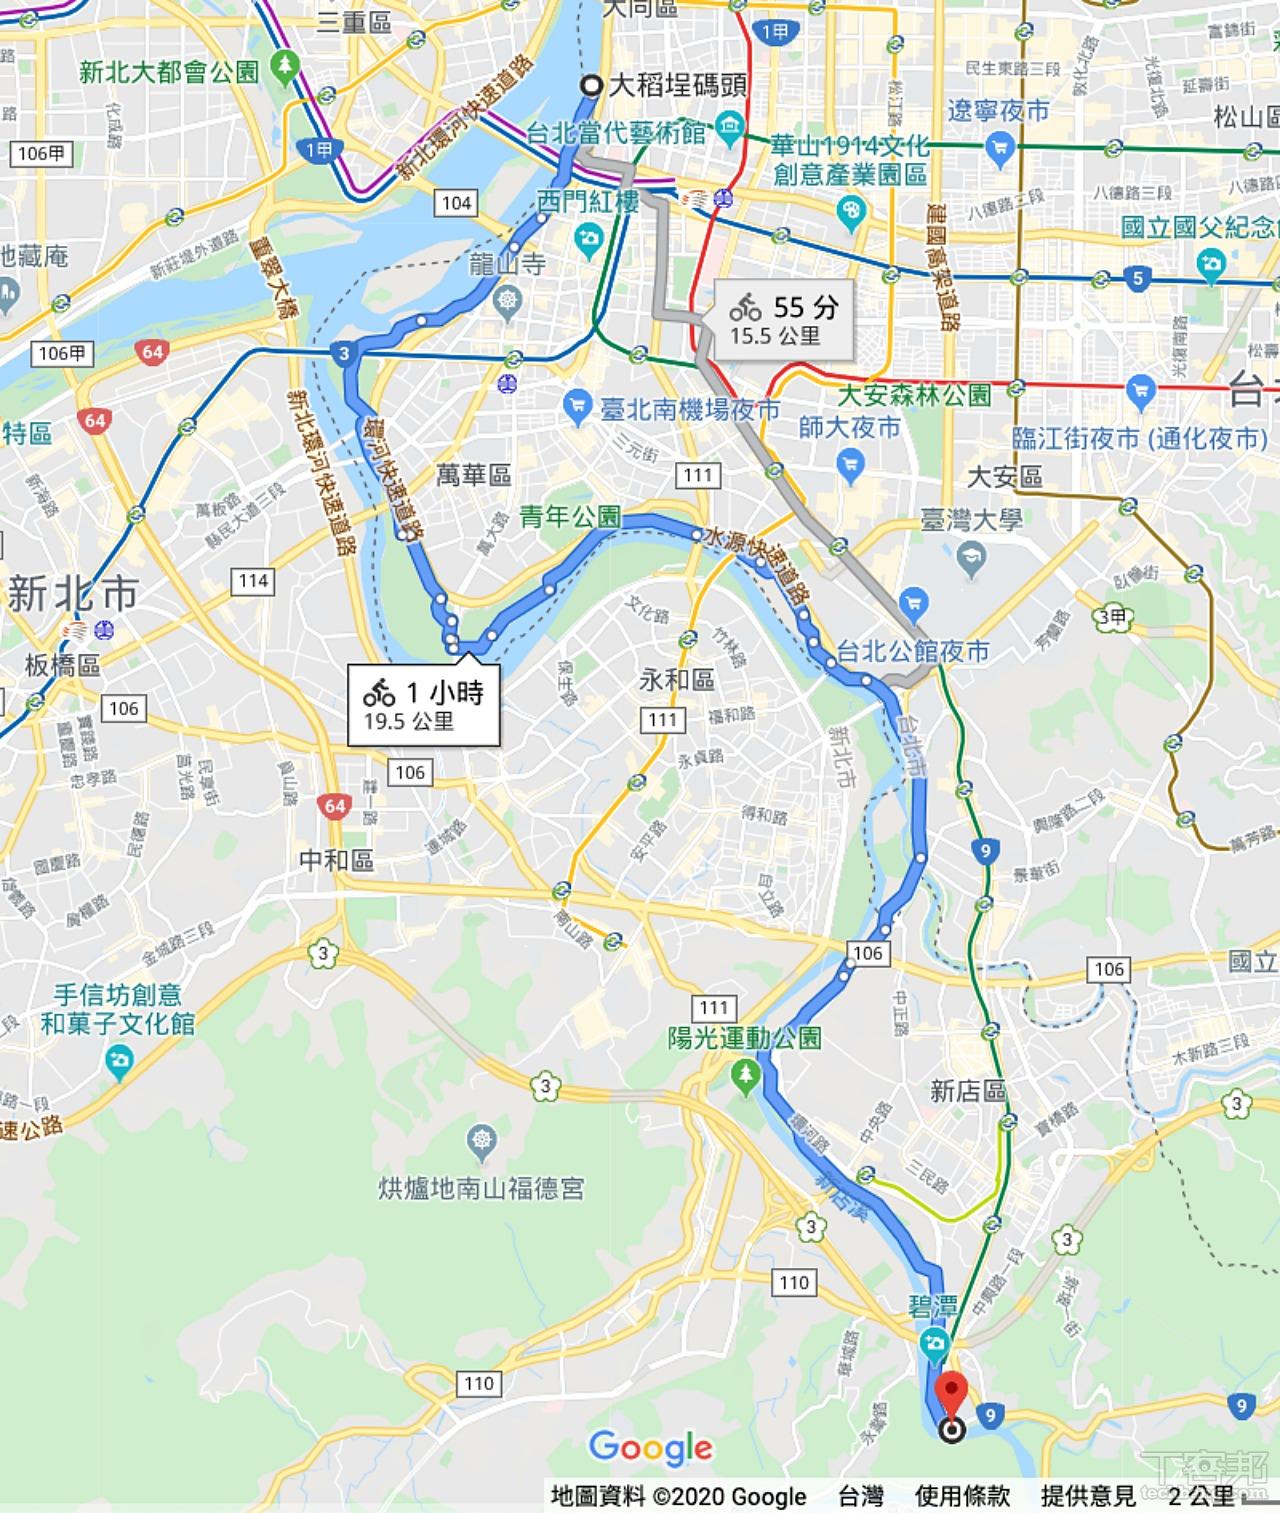 河濱單車道路線可以確實導航無誤